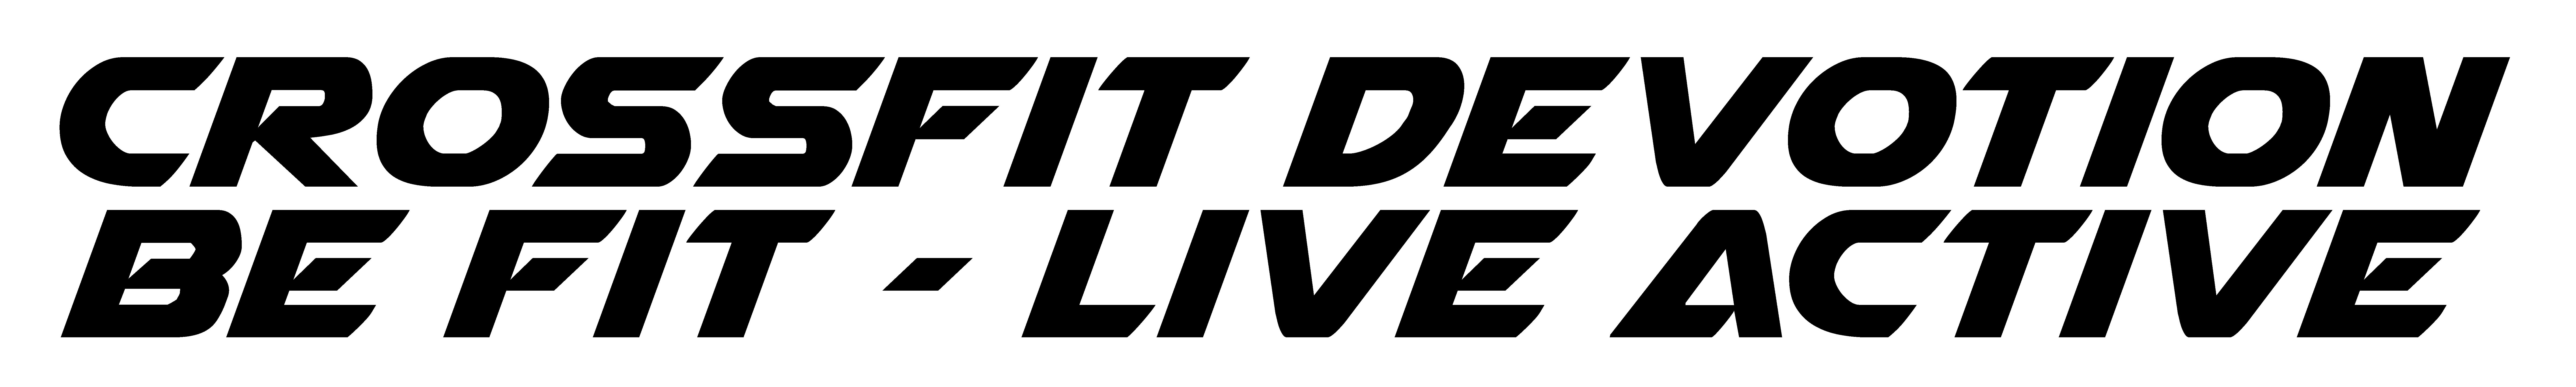 Crossfit devotion logo